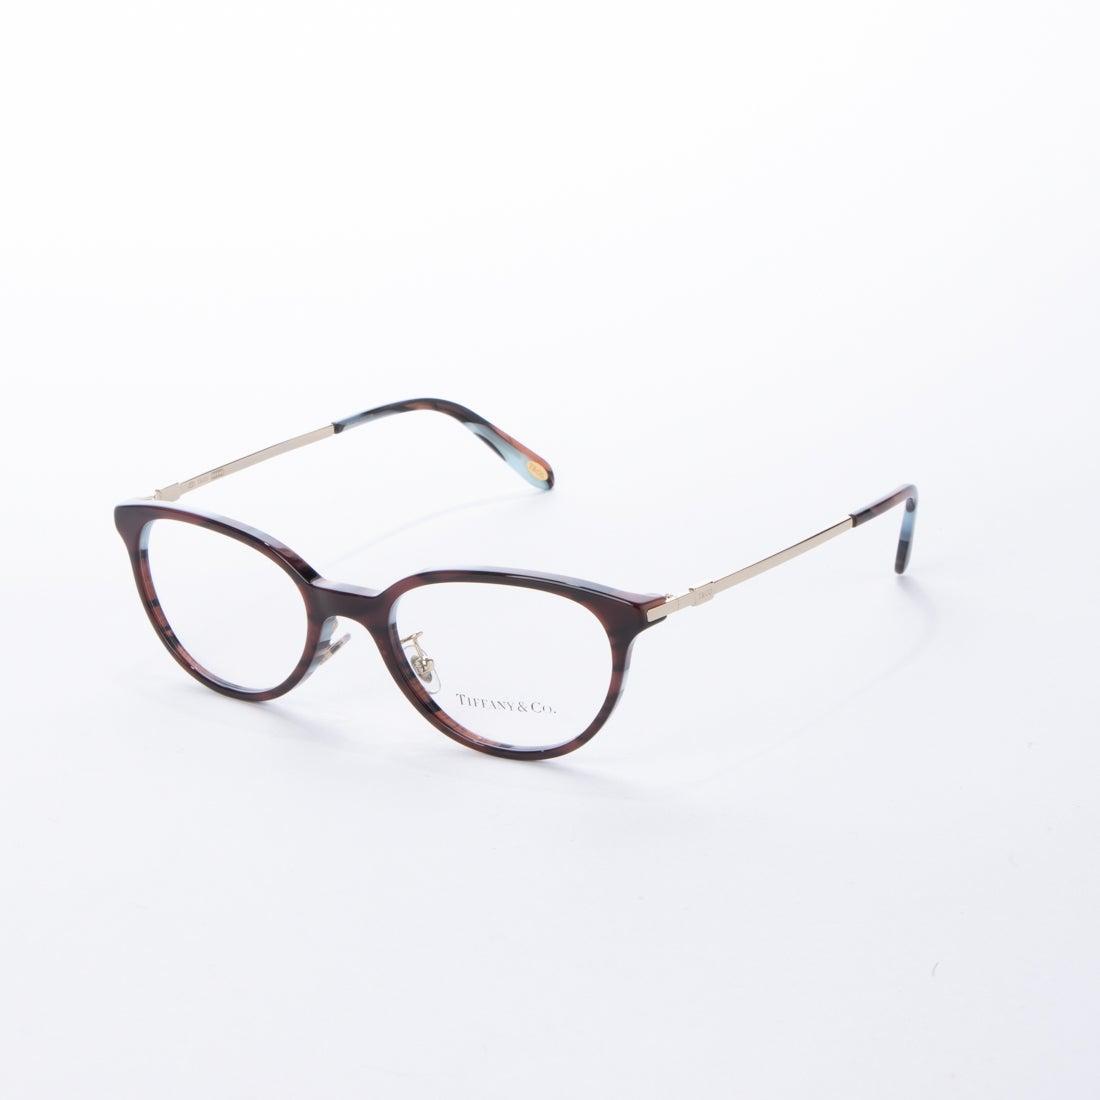 ティファニー TIFFANY メガネ 眼鏡 アイウェア レディース メンズ (レッド)